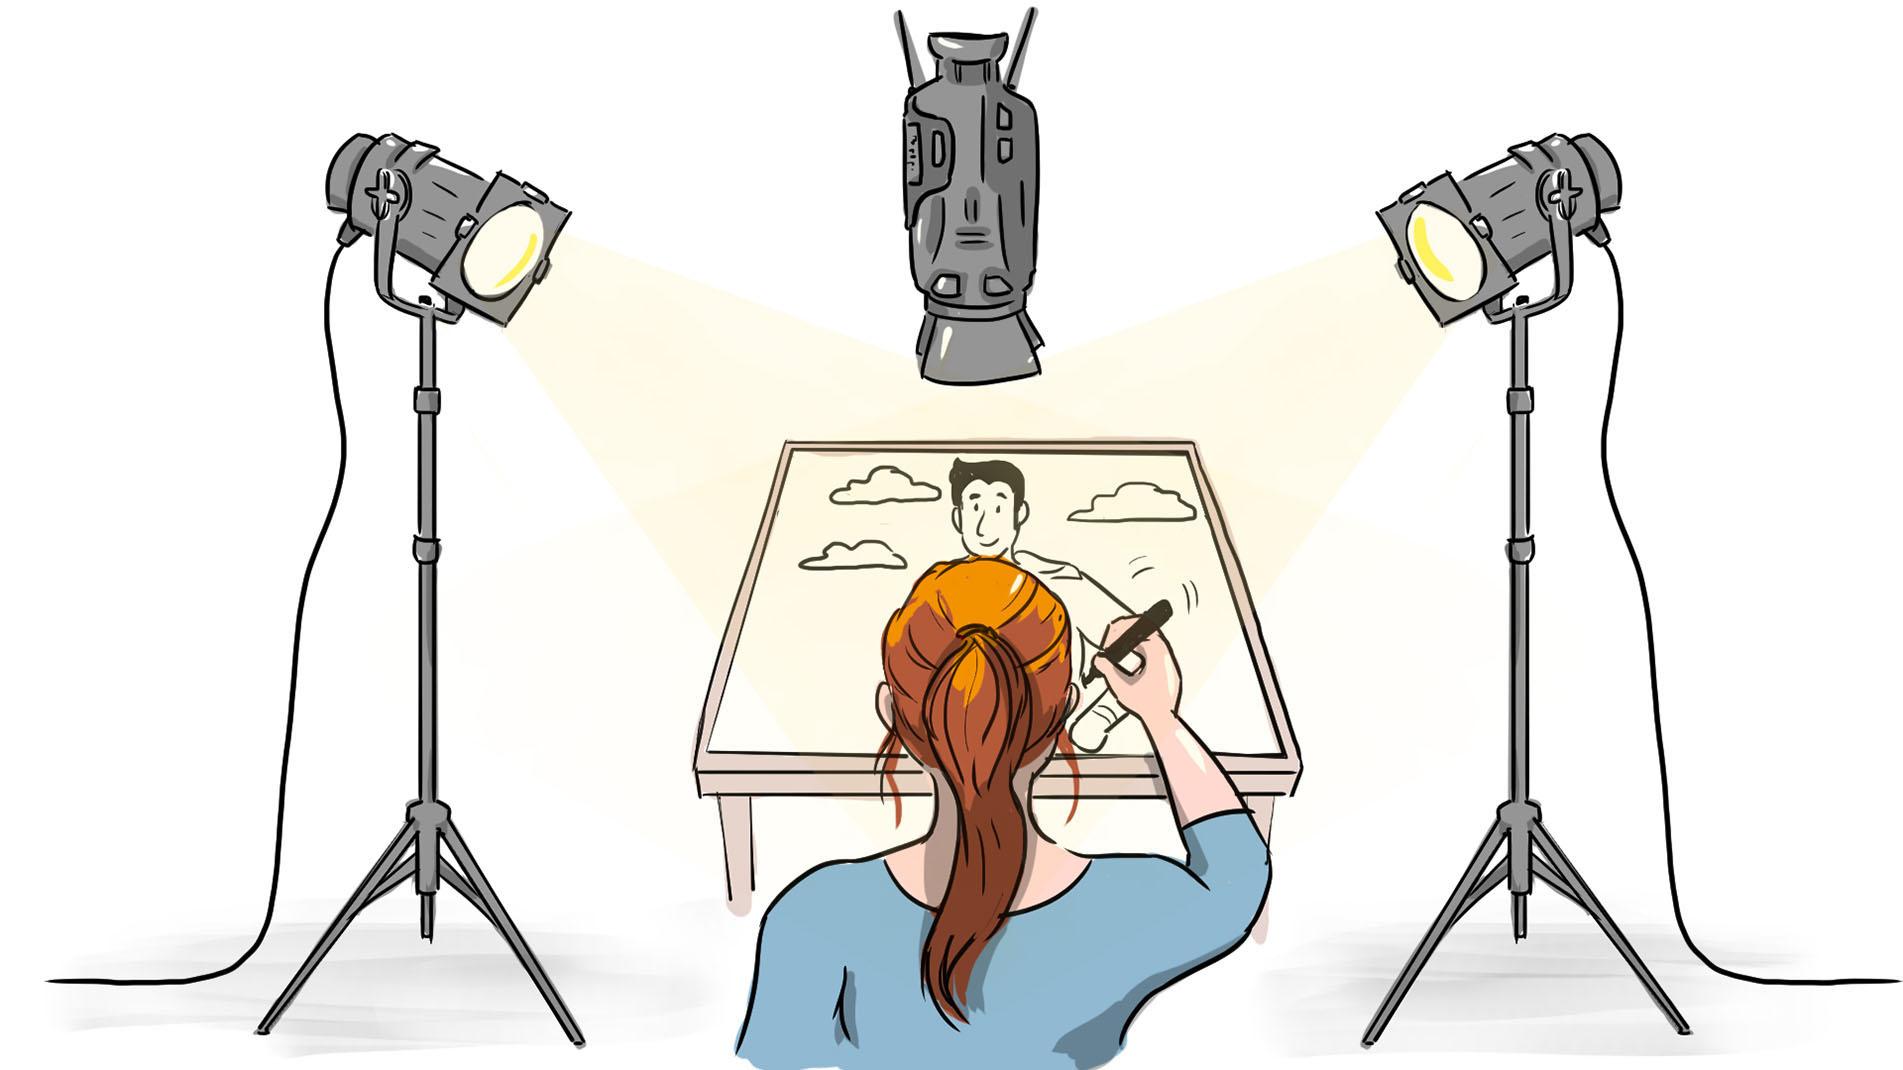 Whiteboard Animation als Erklärvideos & Erklärfilme – Erklärvideo Produkton durch Video-Agentur